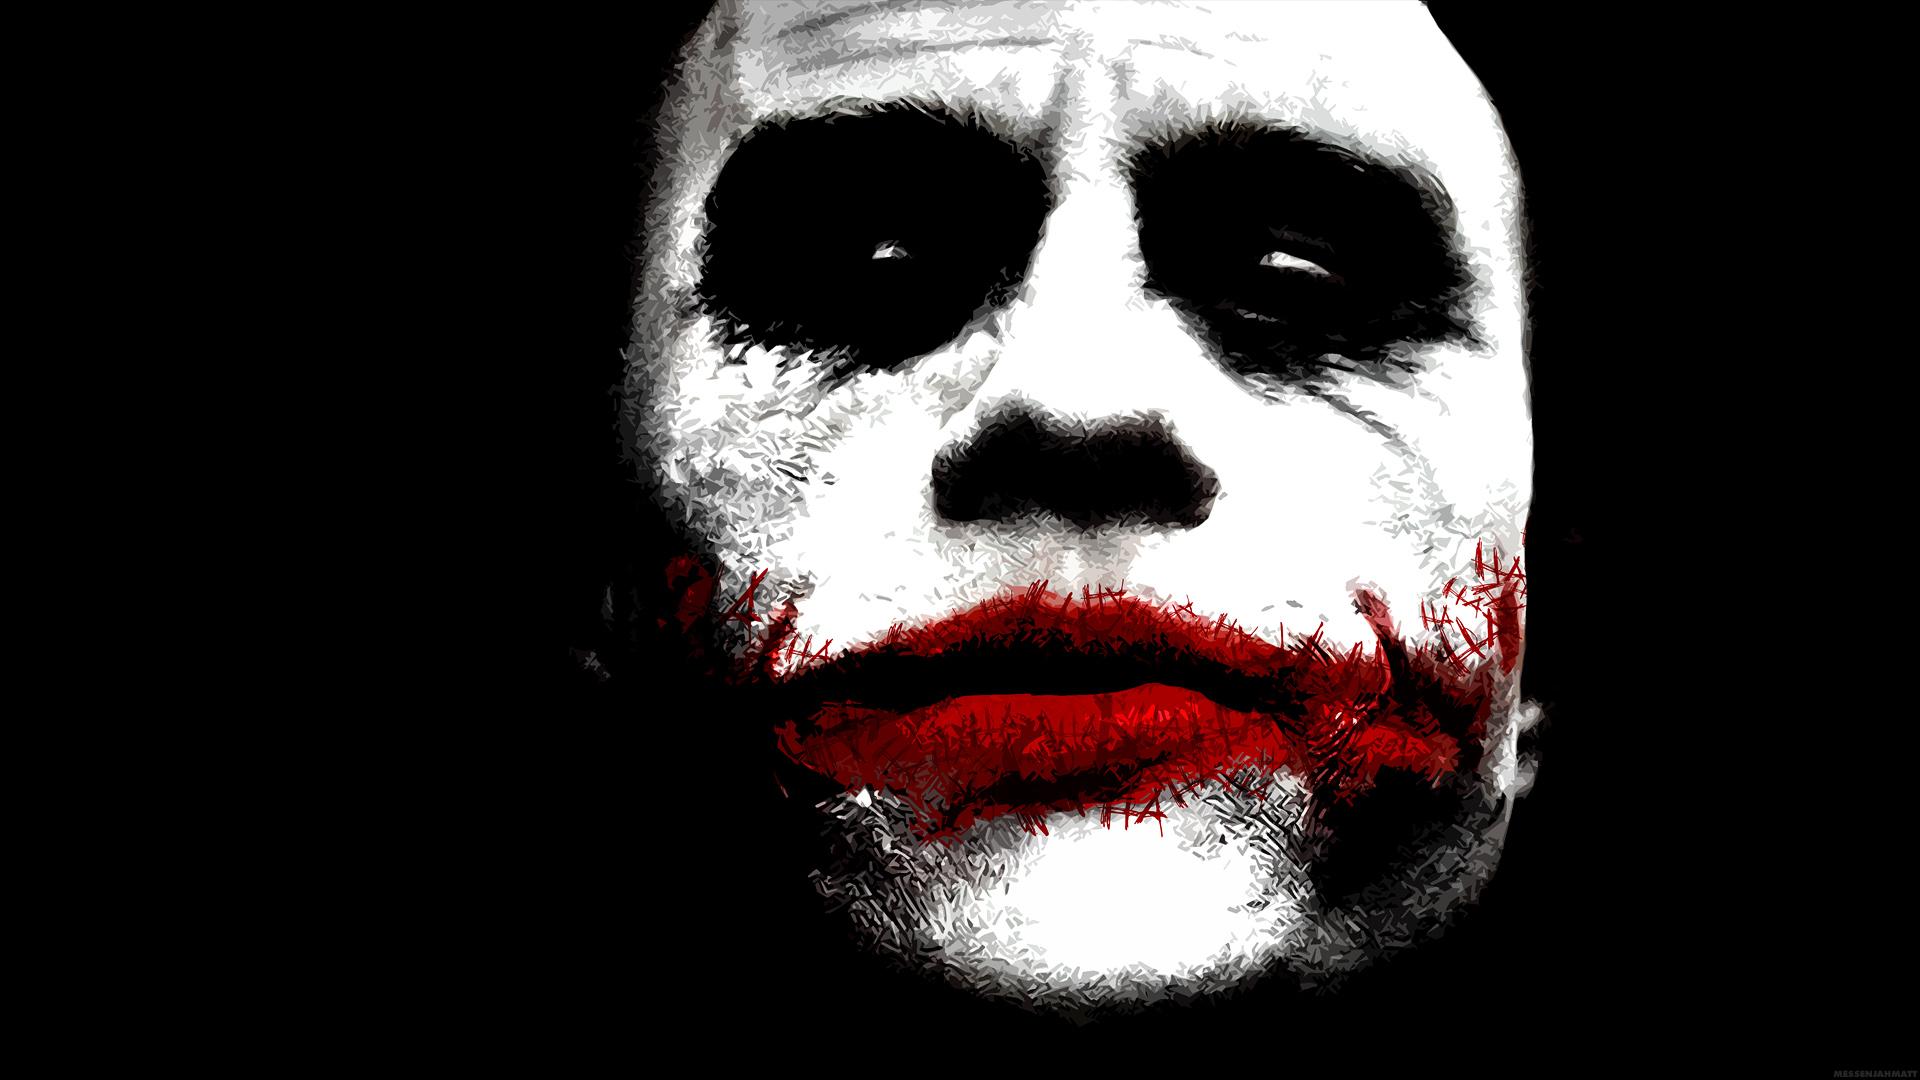 Joker Wallpaper 1920x1080 Joker 1920x1080